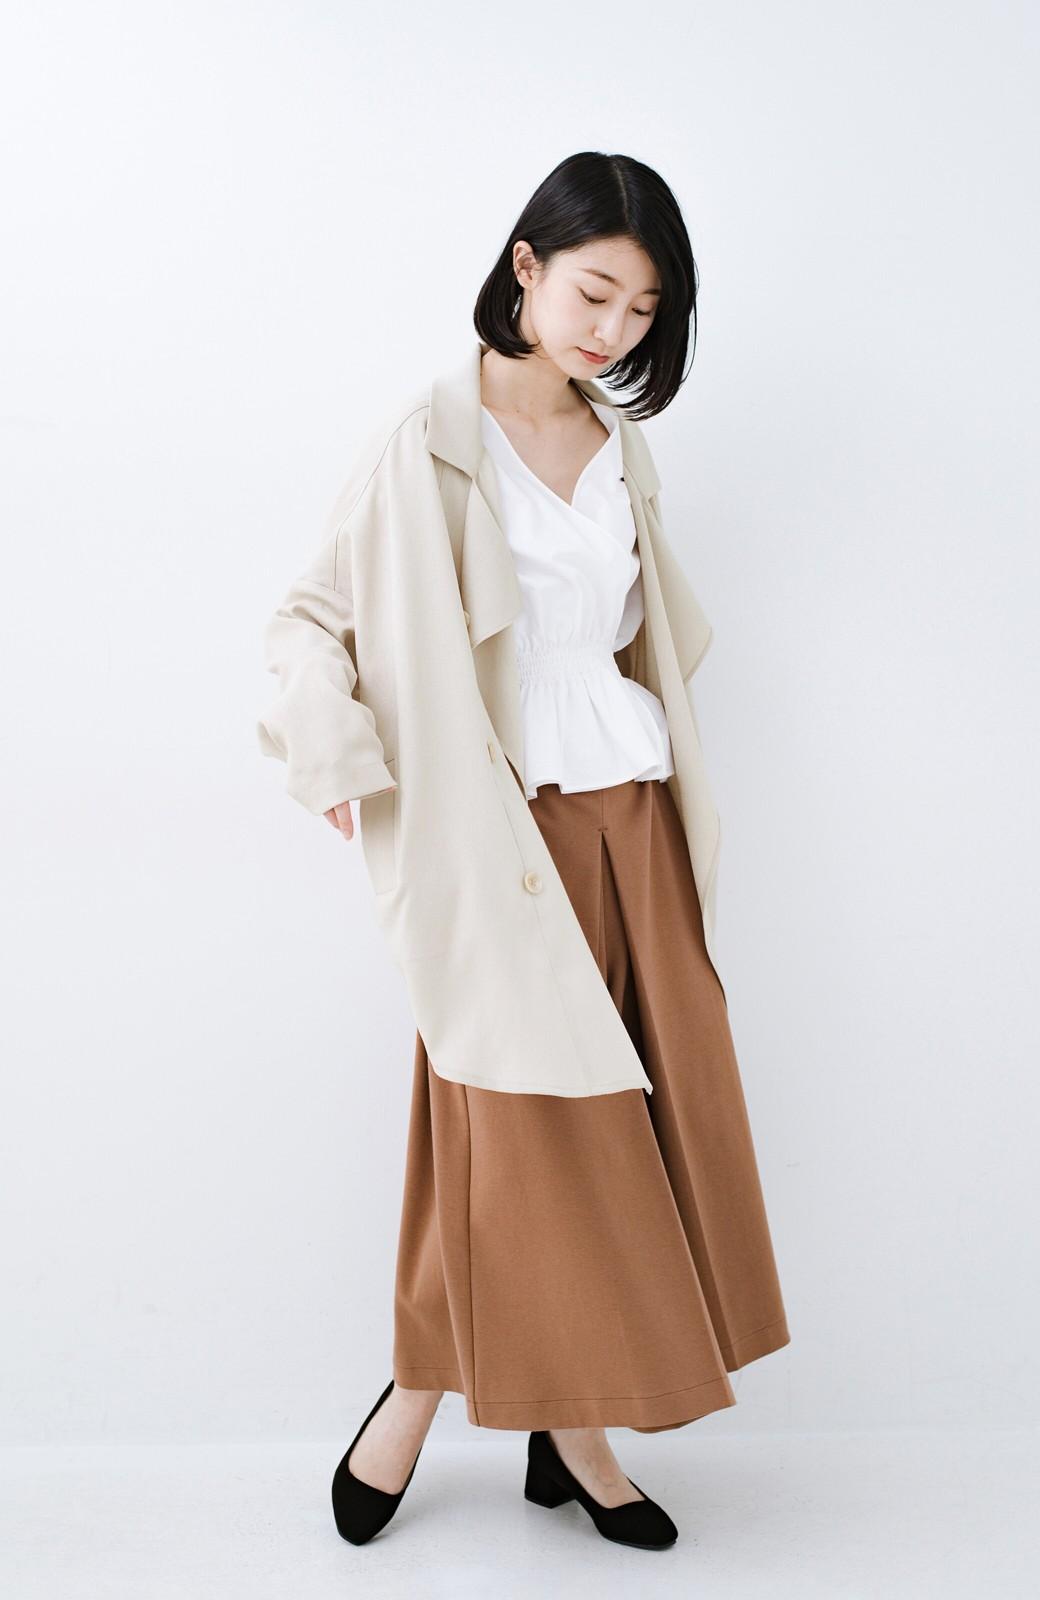 haco! いつものスタイルに羽織るだけで今気分が叶う 麻調トレンチジャケット <ライトベージュ>の商品写真5